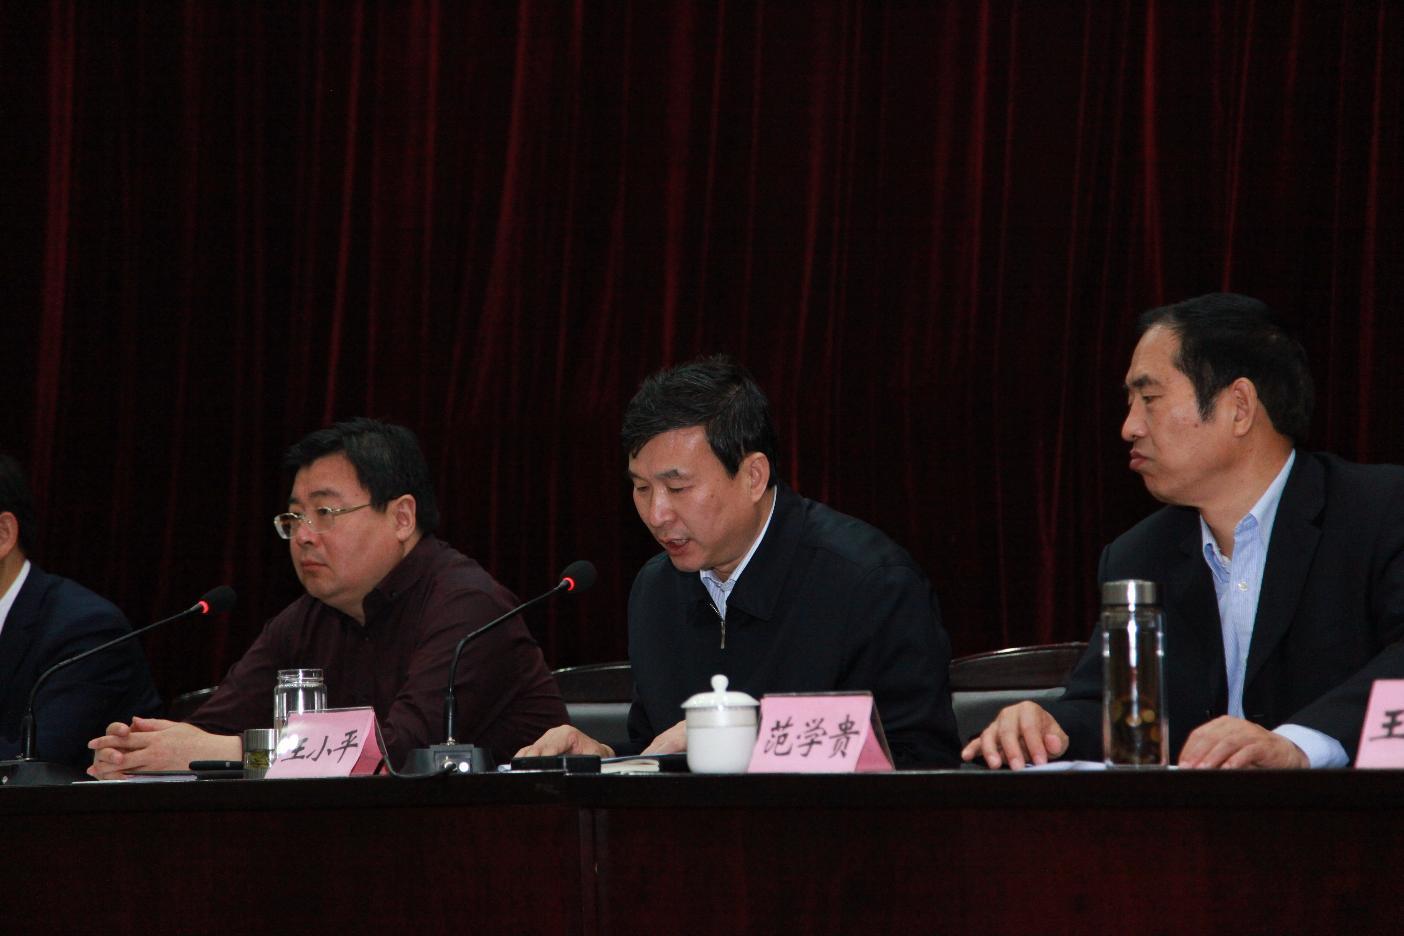 王小平市长主持会议